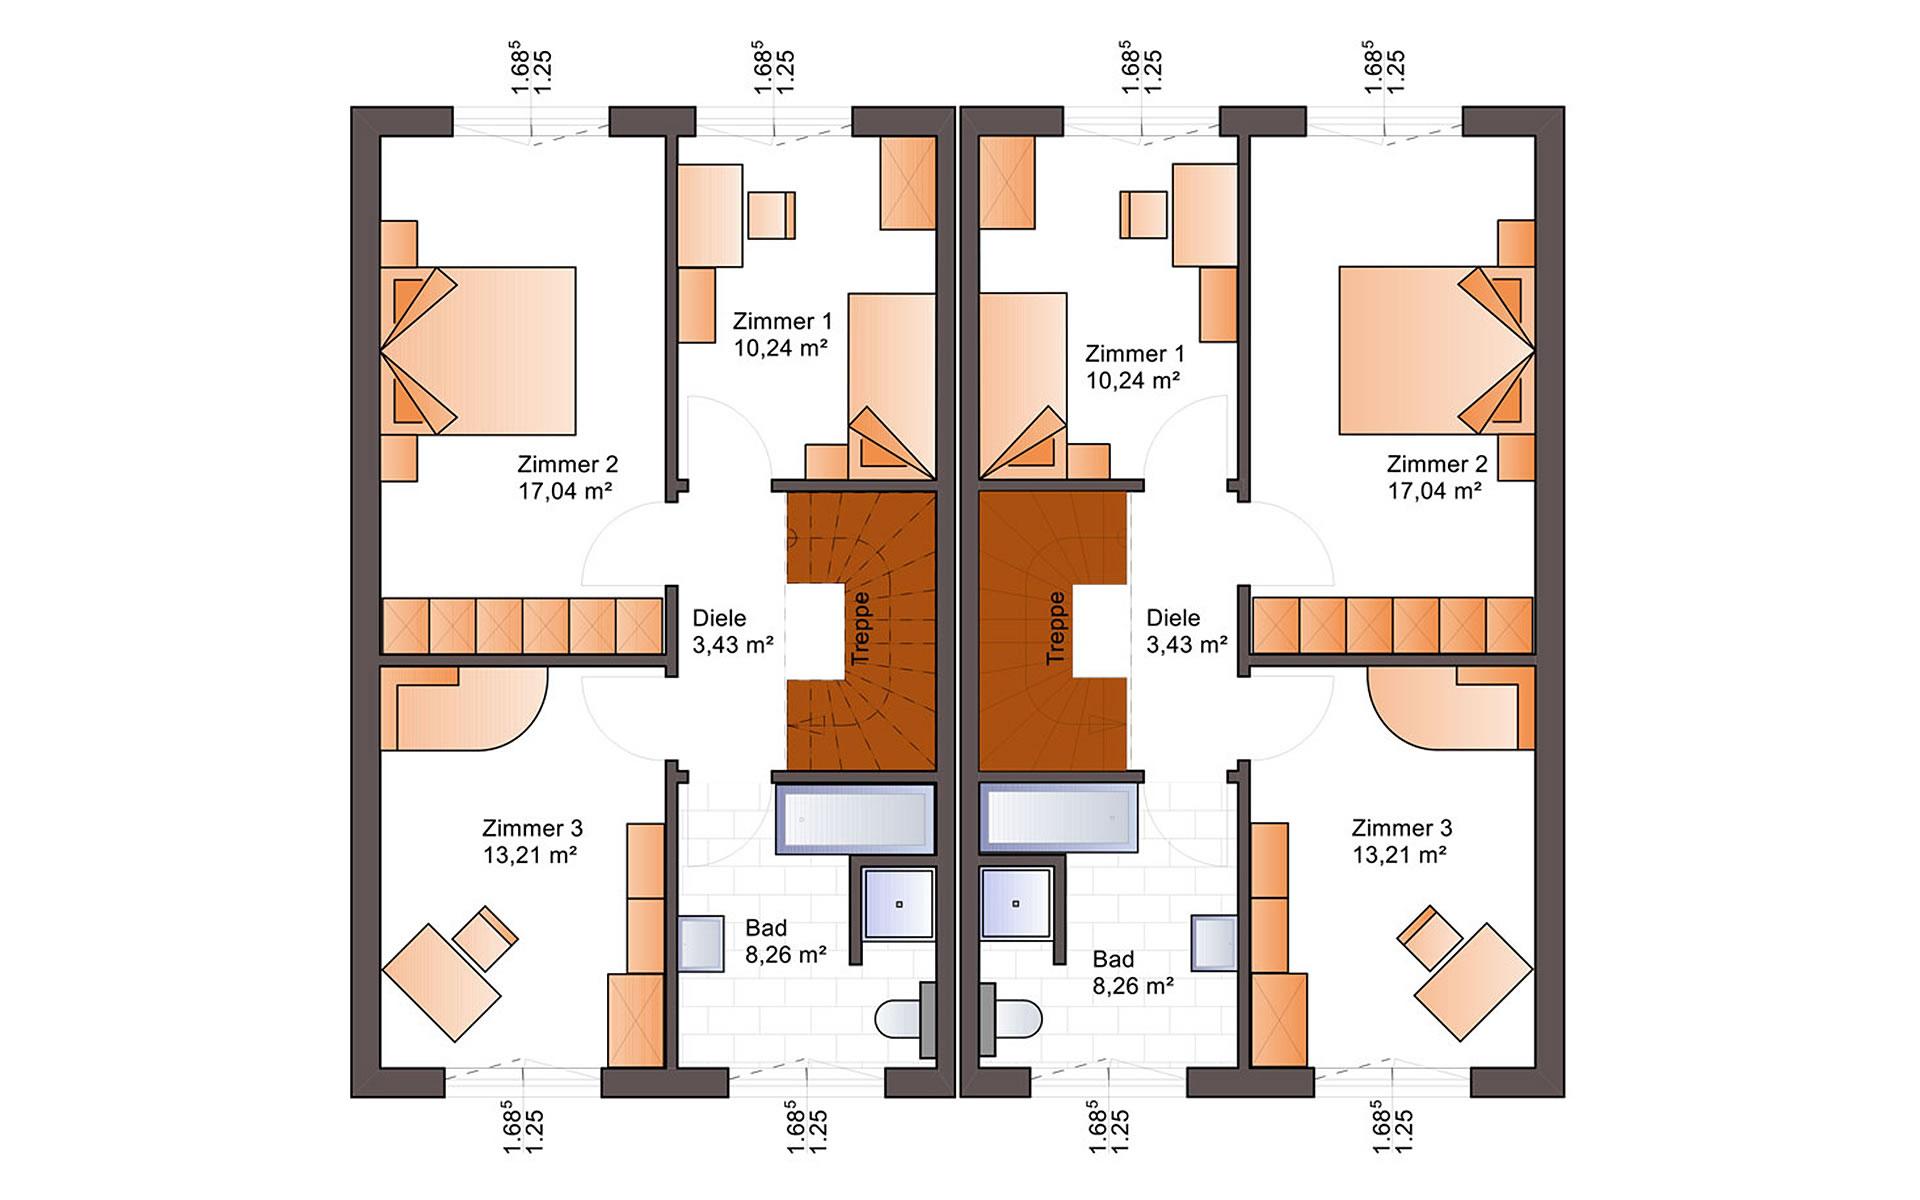 Obergeschoss Duo 110 von Bärenhaus - das fertige Haus GmbH